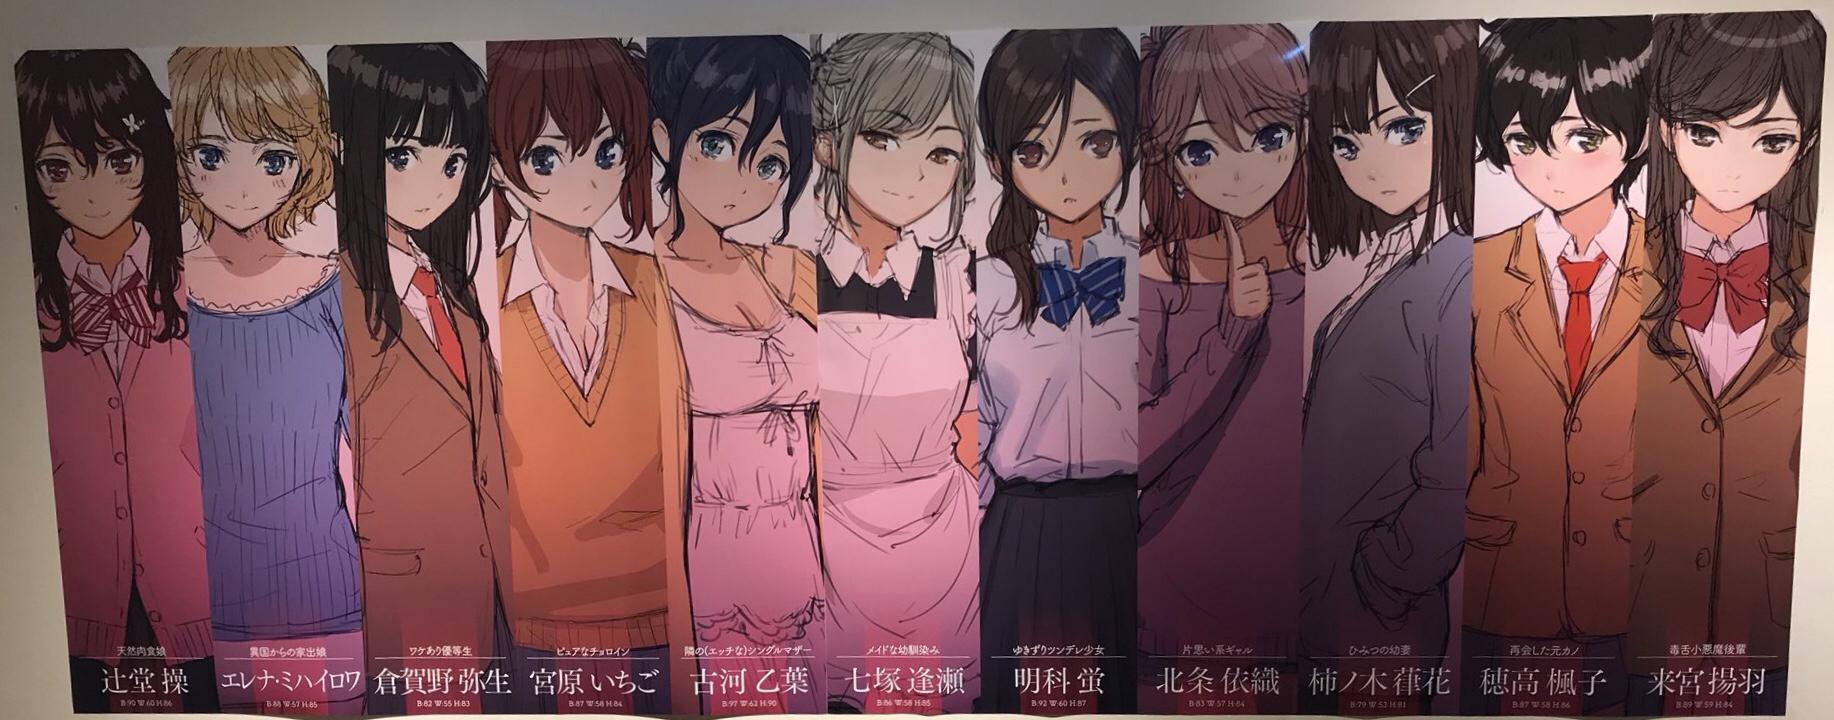 七塚逢瀬 ホムンクルス エロ 漫画